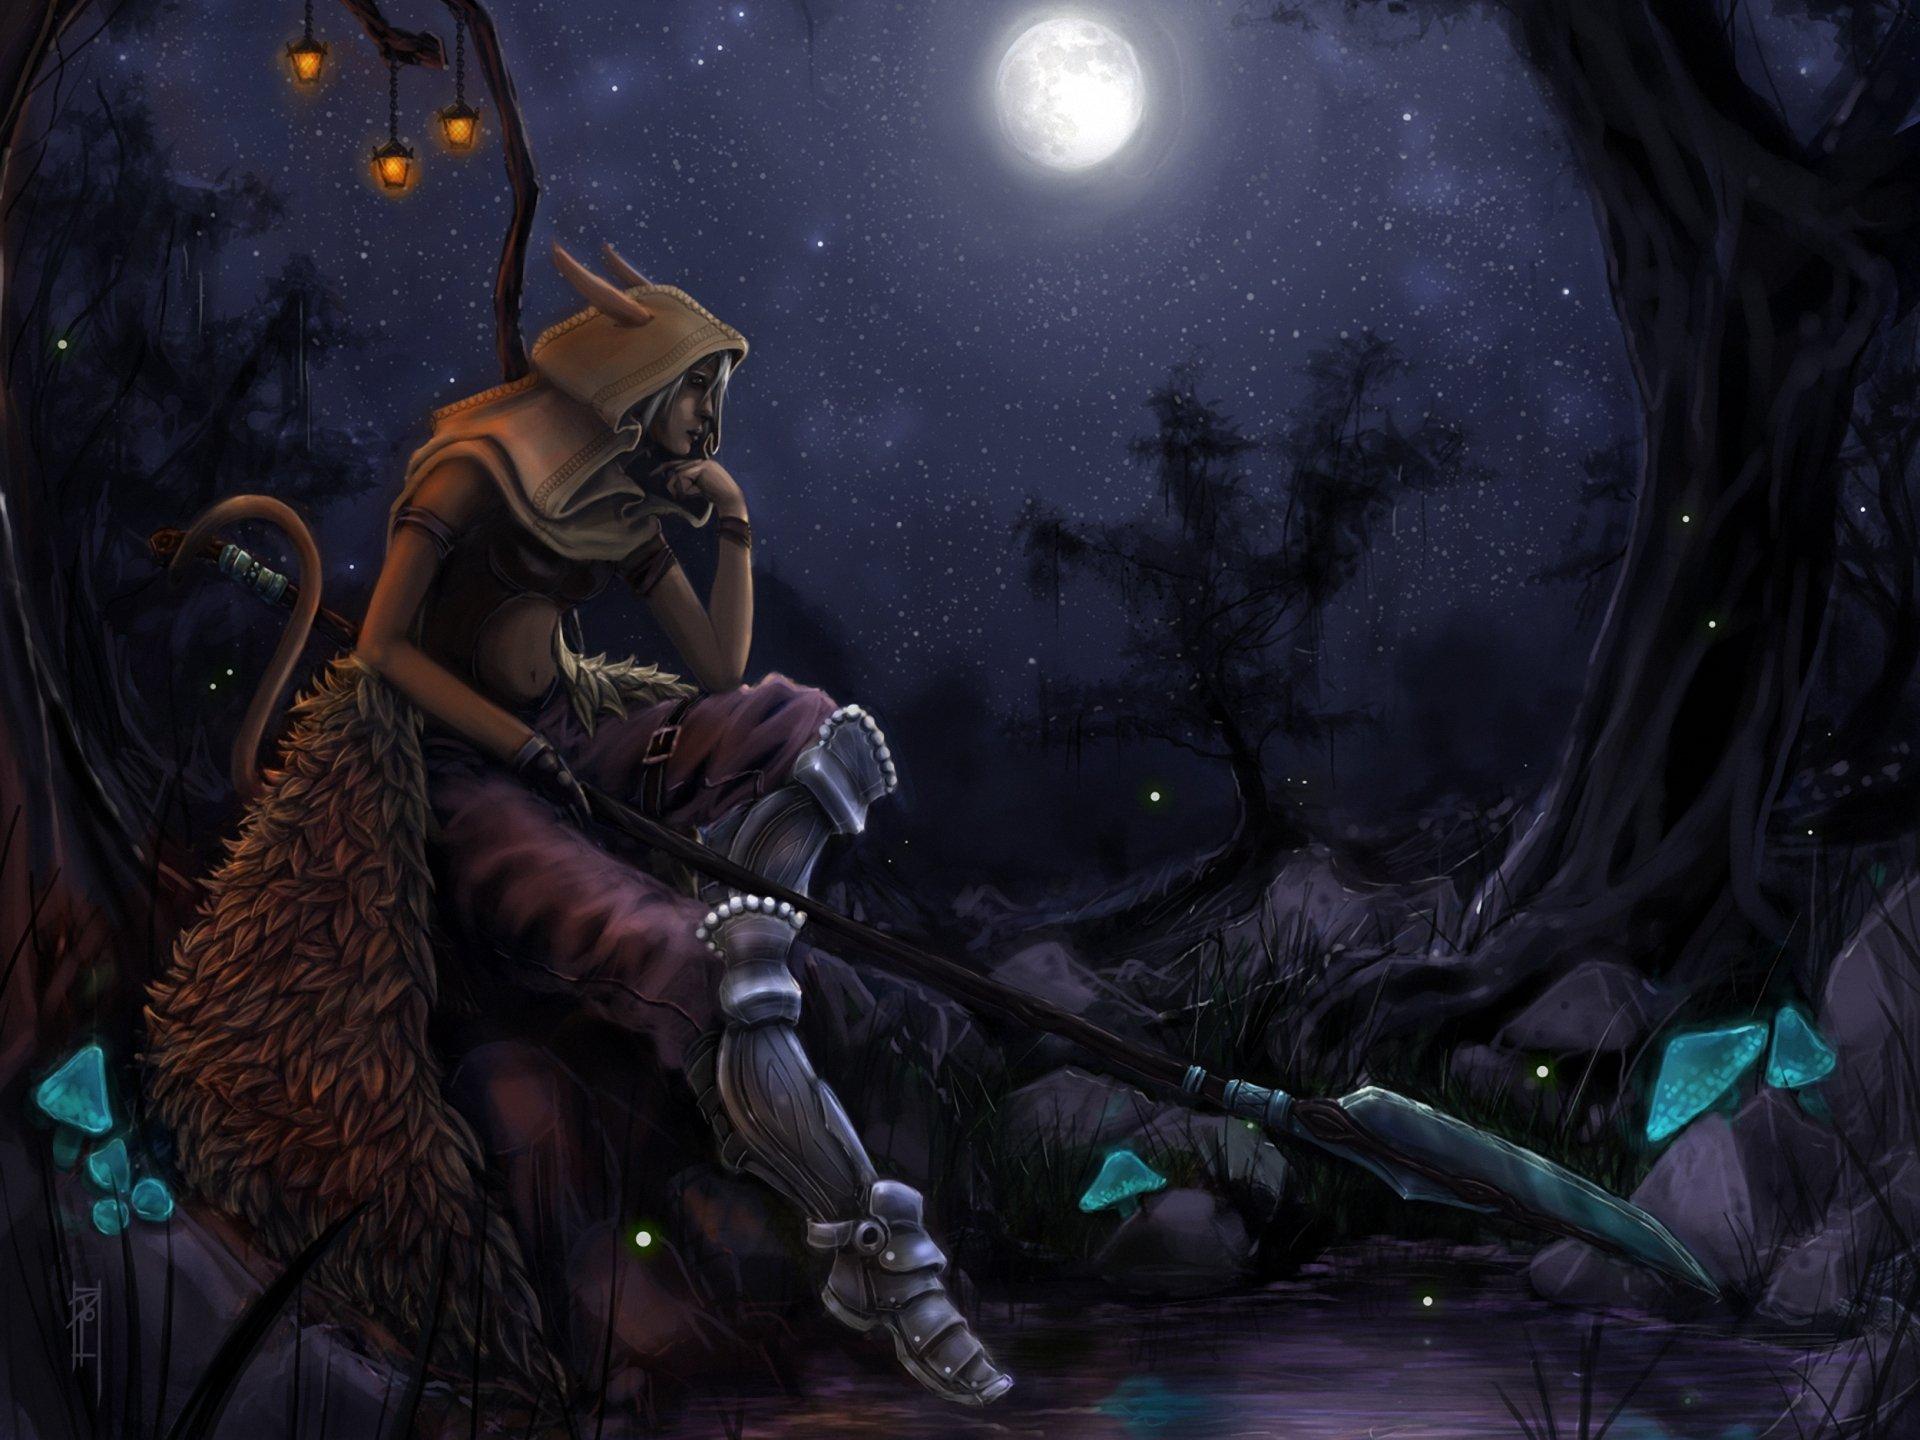 Warrior Elves Spear Night Moon Hood headgear Fantasy elf wallpaper 1920x1440